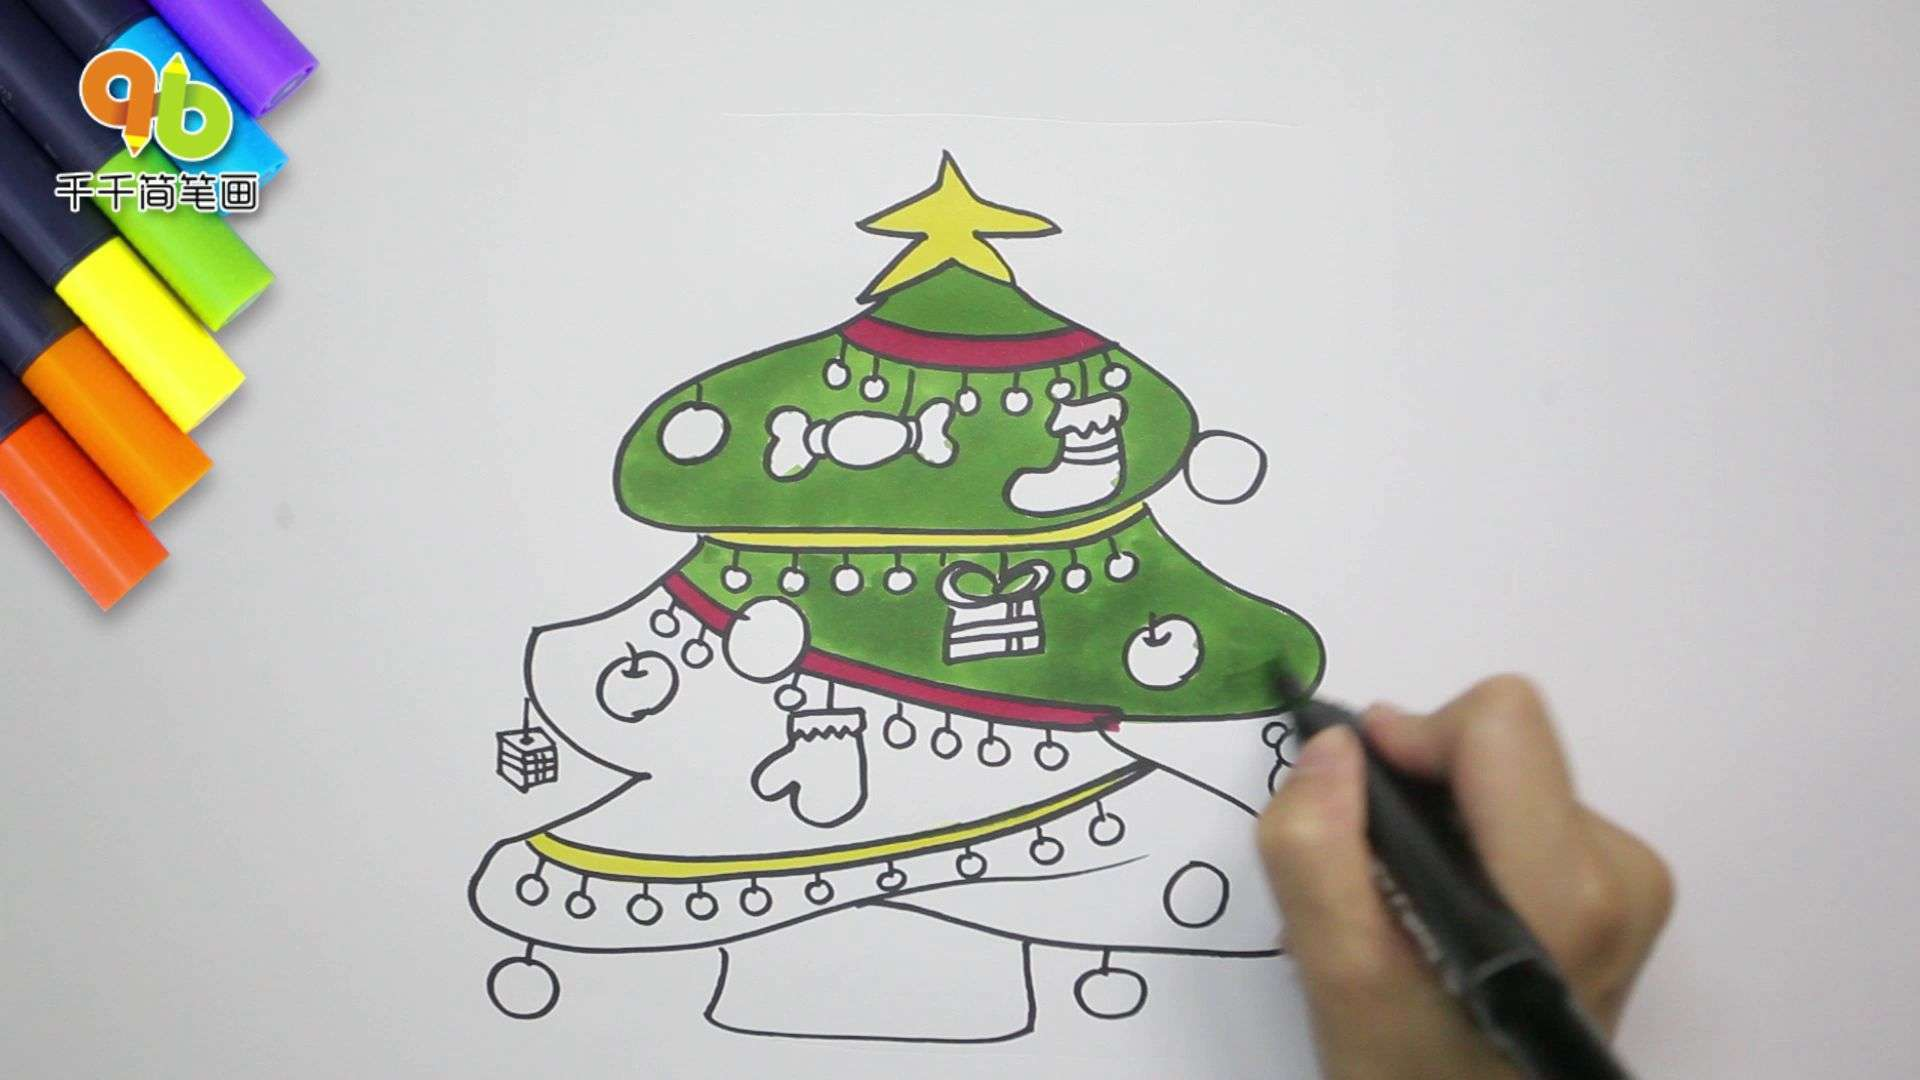 节日简笔画教程圣诞树,儿童色彩趣味绘画